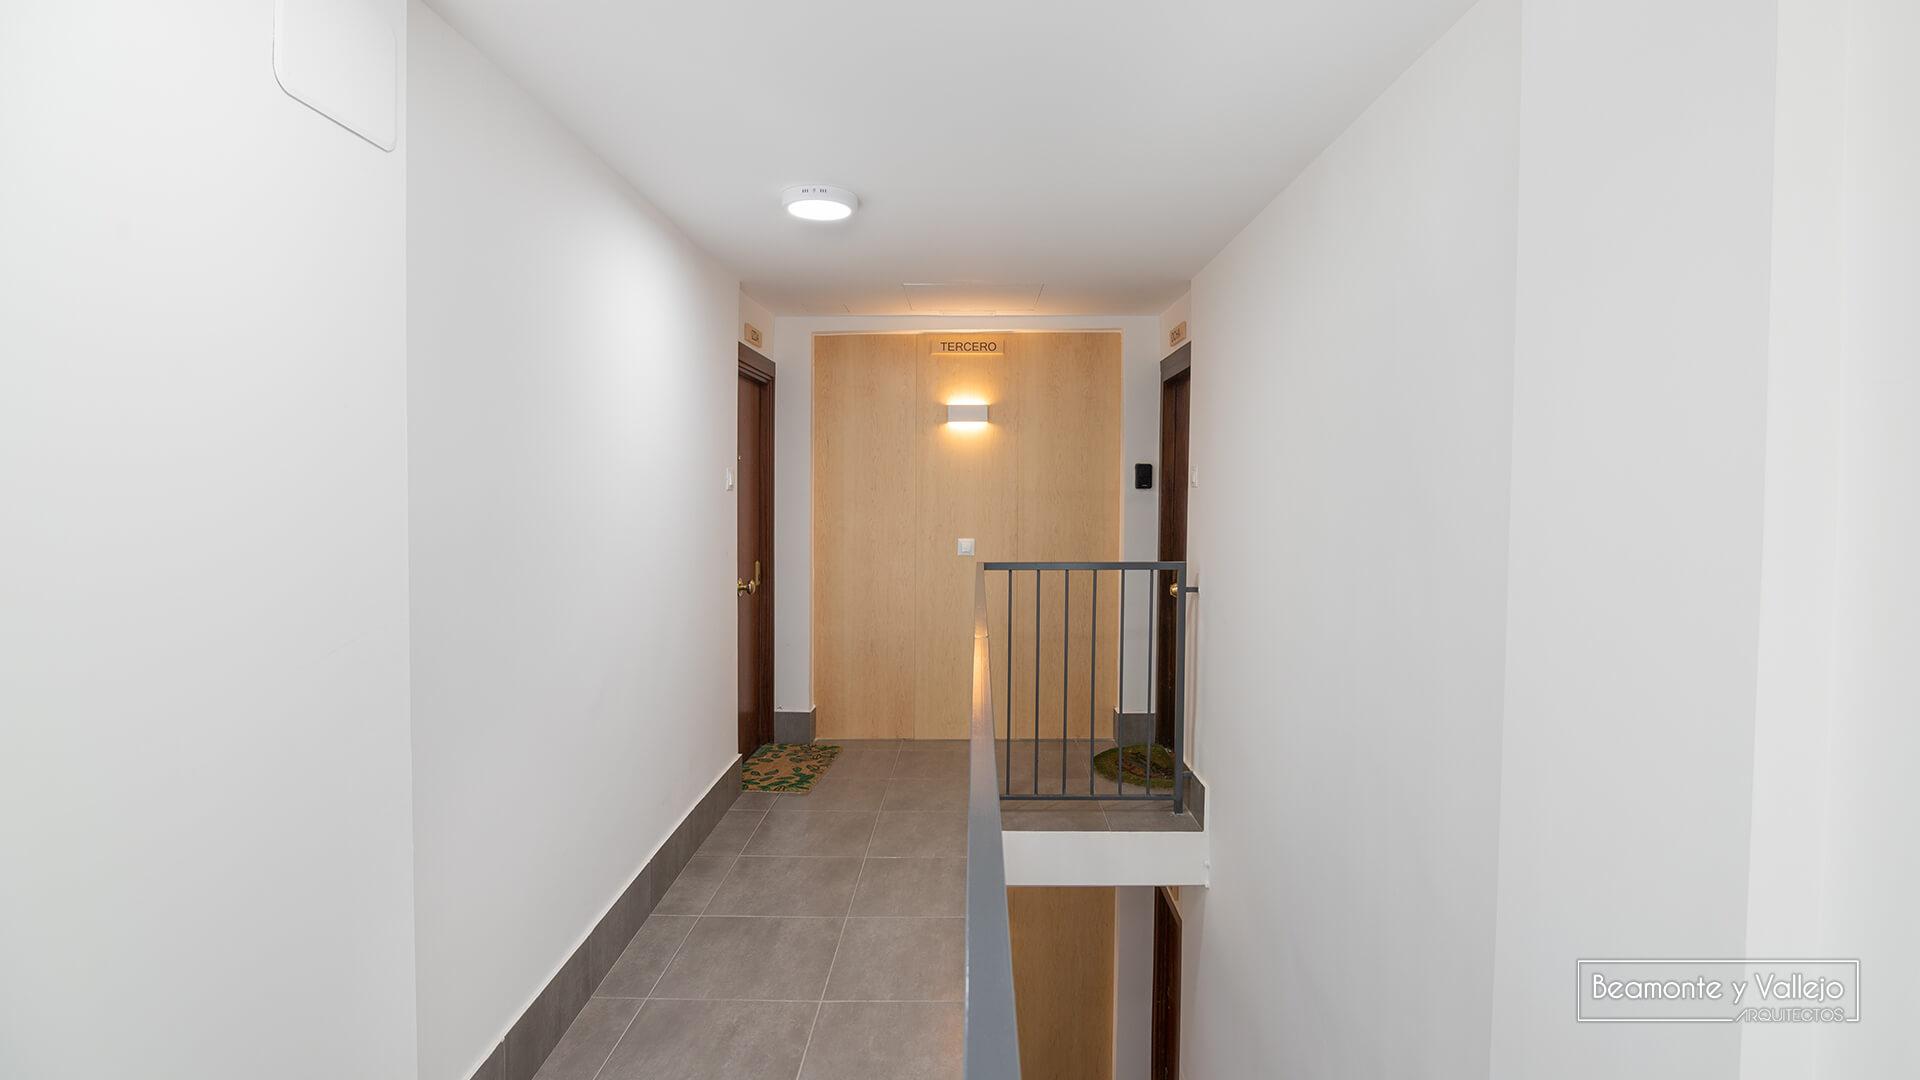 Beamonte y Vallejo arquitectos - Rehabilitación energética valle de pineta - 9